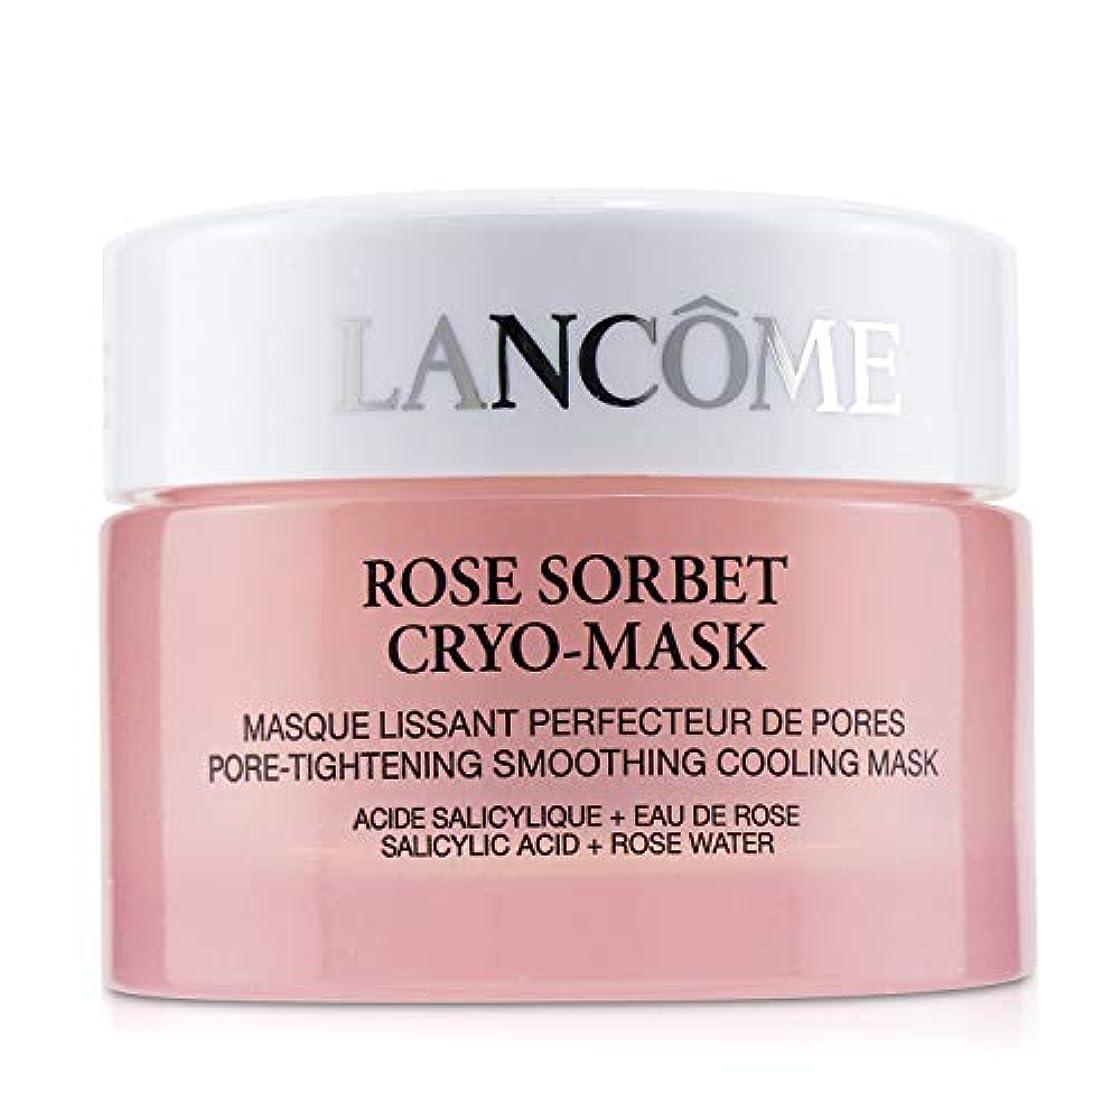 八百屋りカロリーランコム Rose Sorbet Cryo-Mask - Pore Tightening Smoothing Cooling Mask 50ml/1.7oz並行輸入品